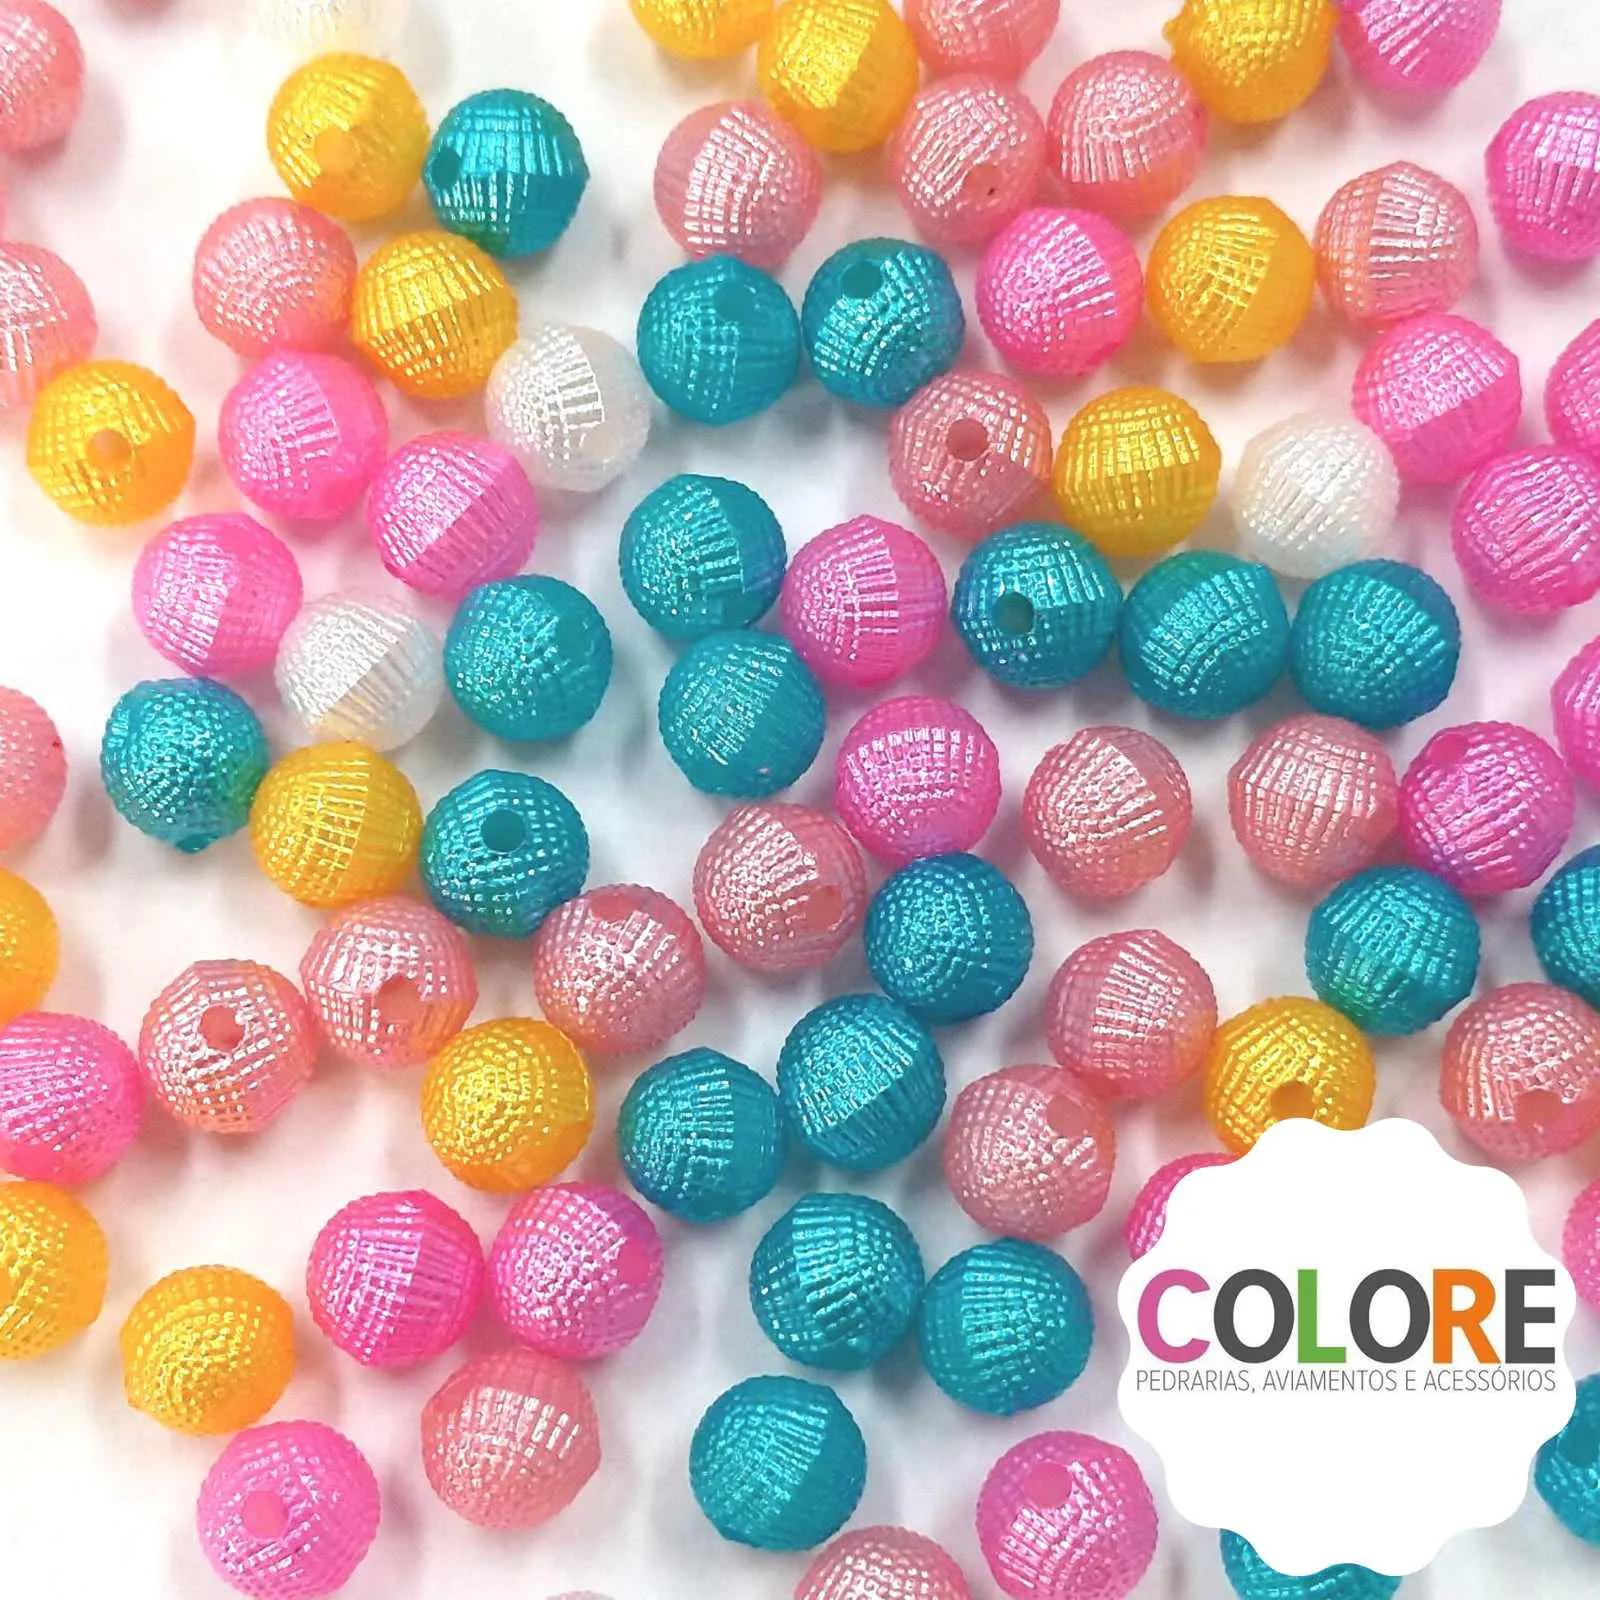 Conta Globinho Colorida 10mm - Pacote 100 unidades aproximadamente